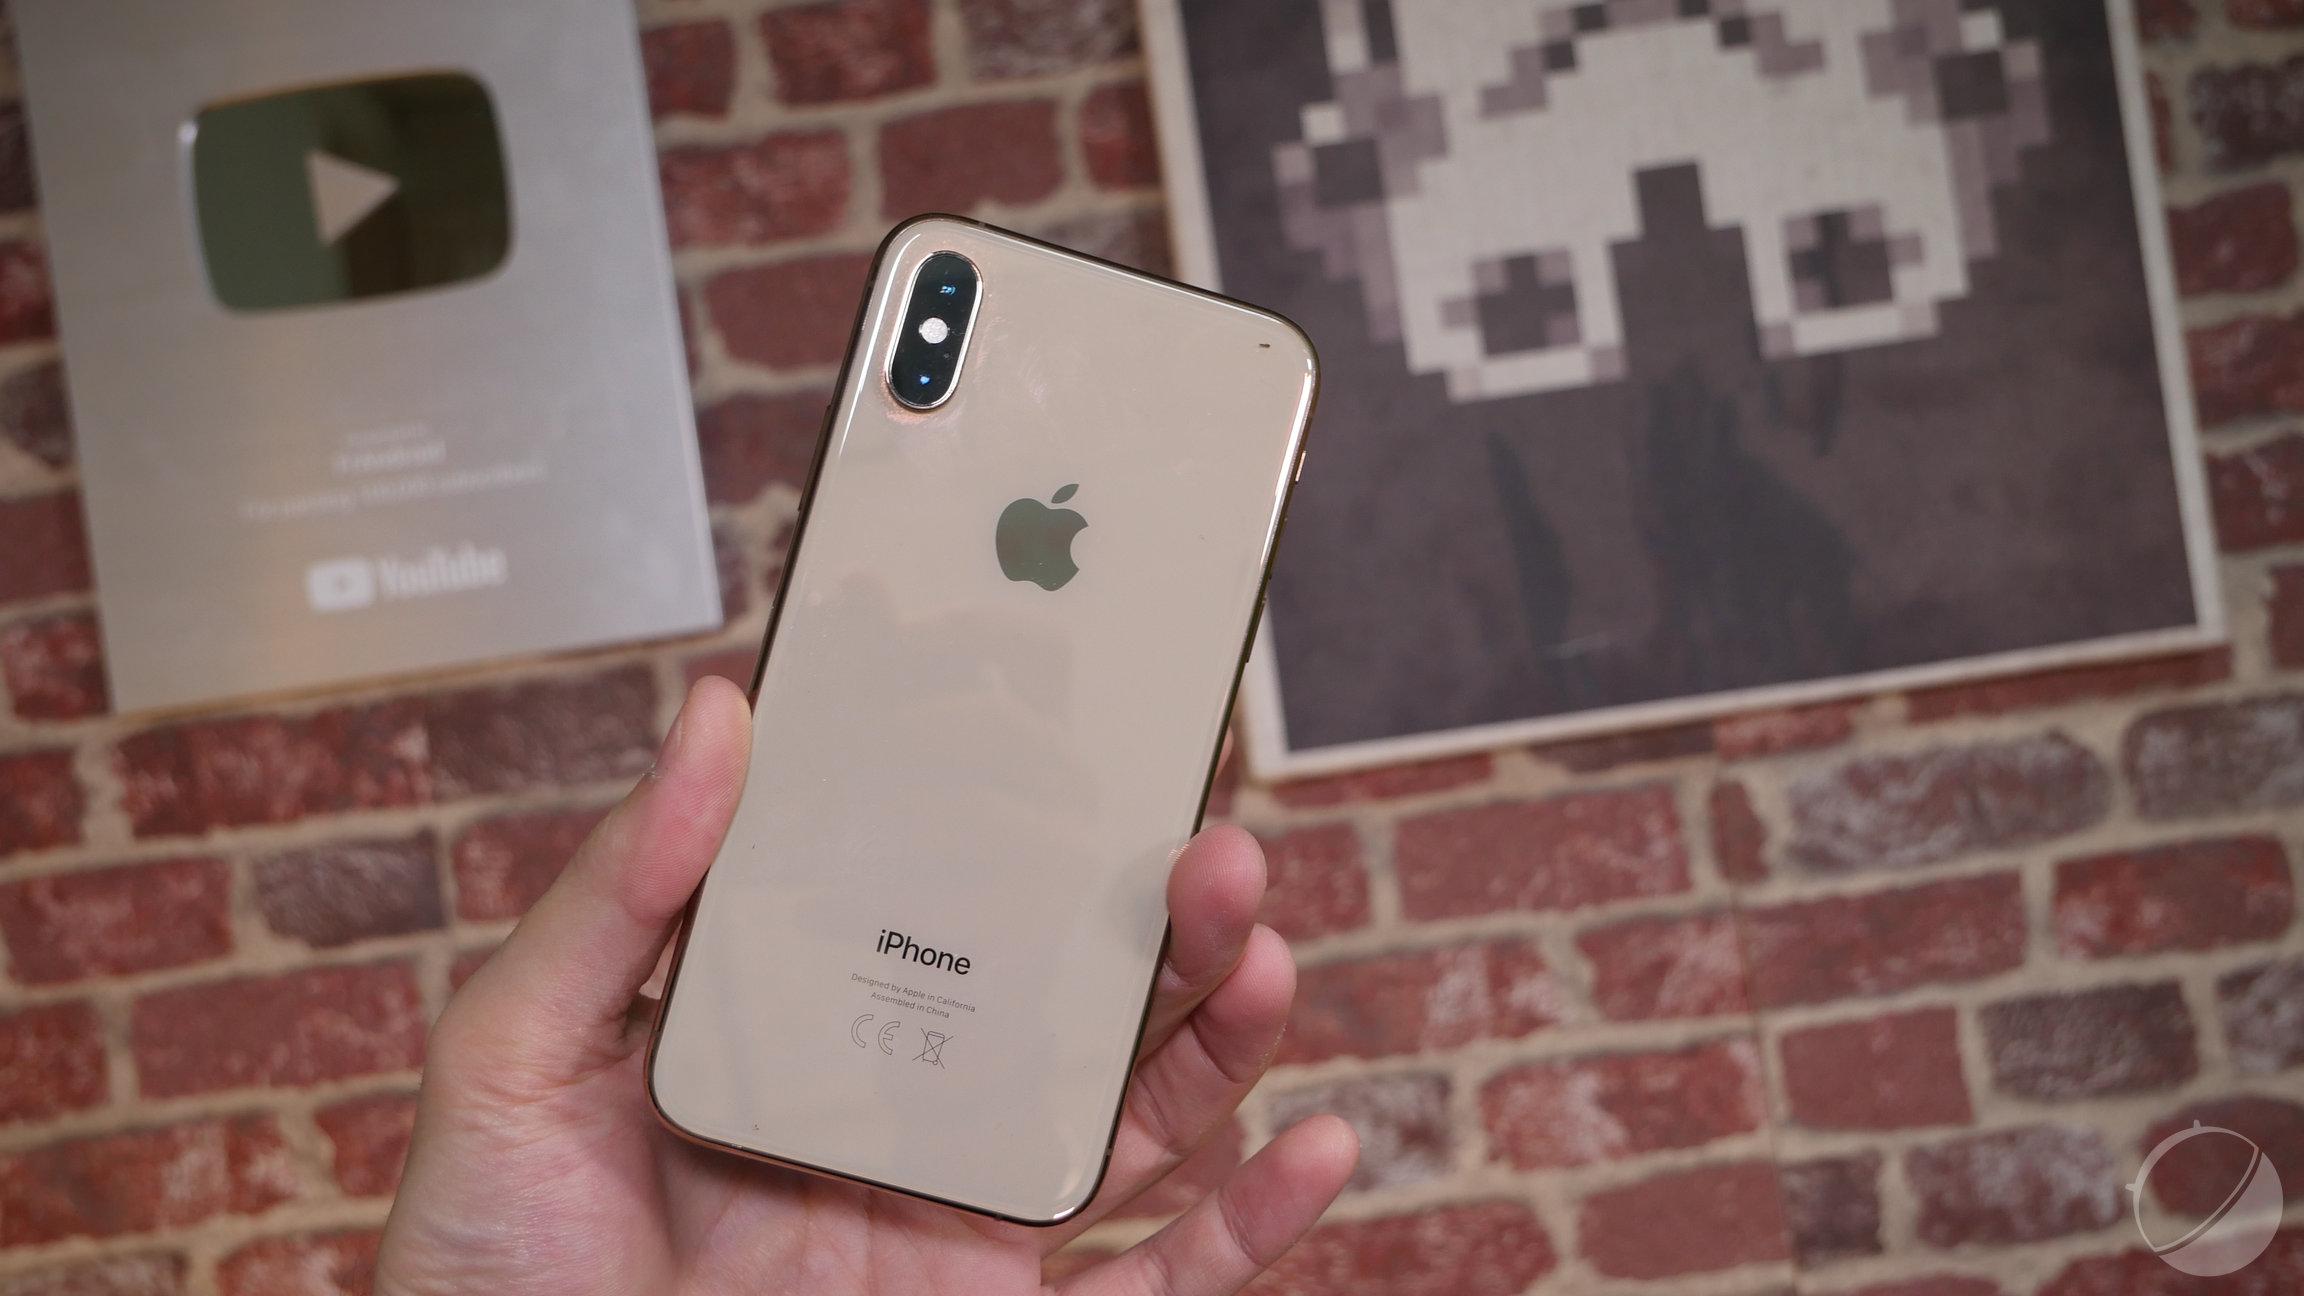 Apple iPhone : Tim Cook confirme les ventes décevantes et tente de rassurer les actionnaires